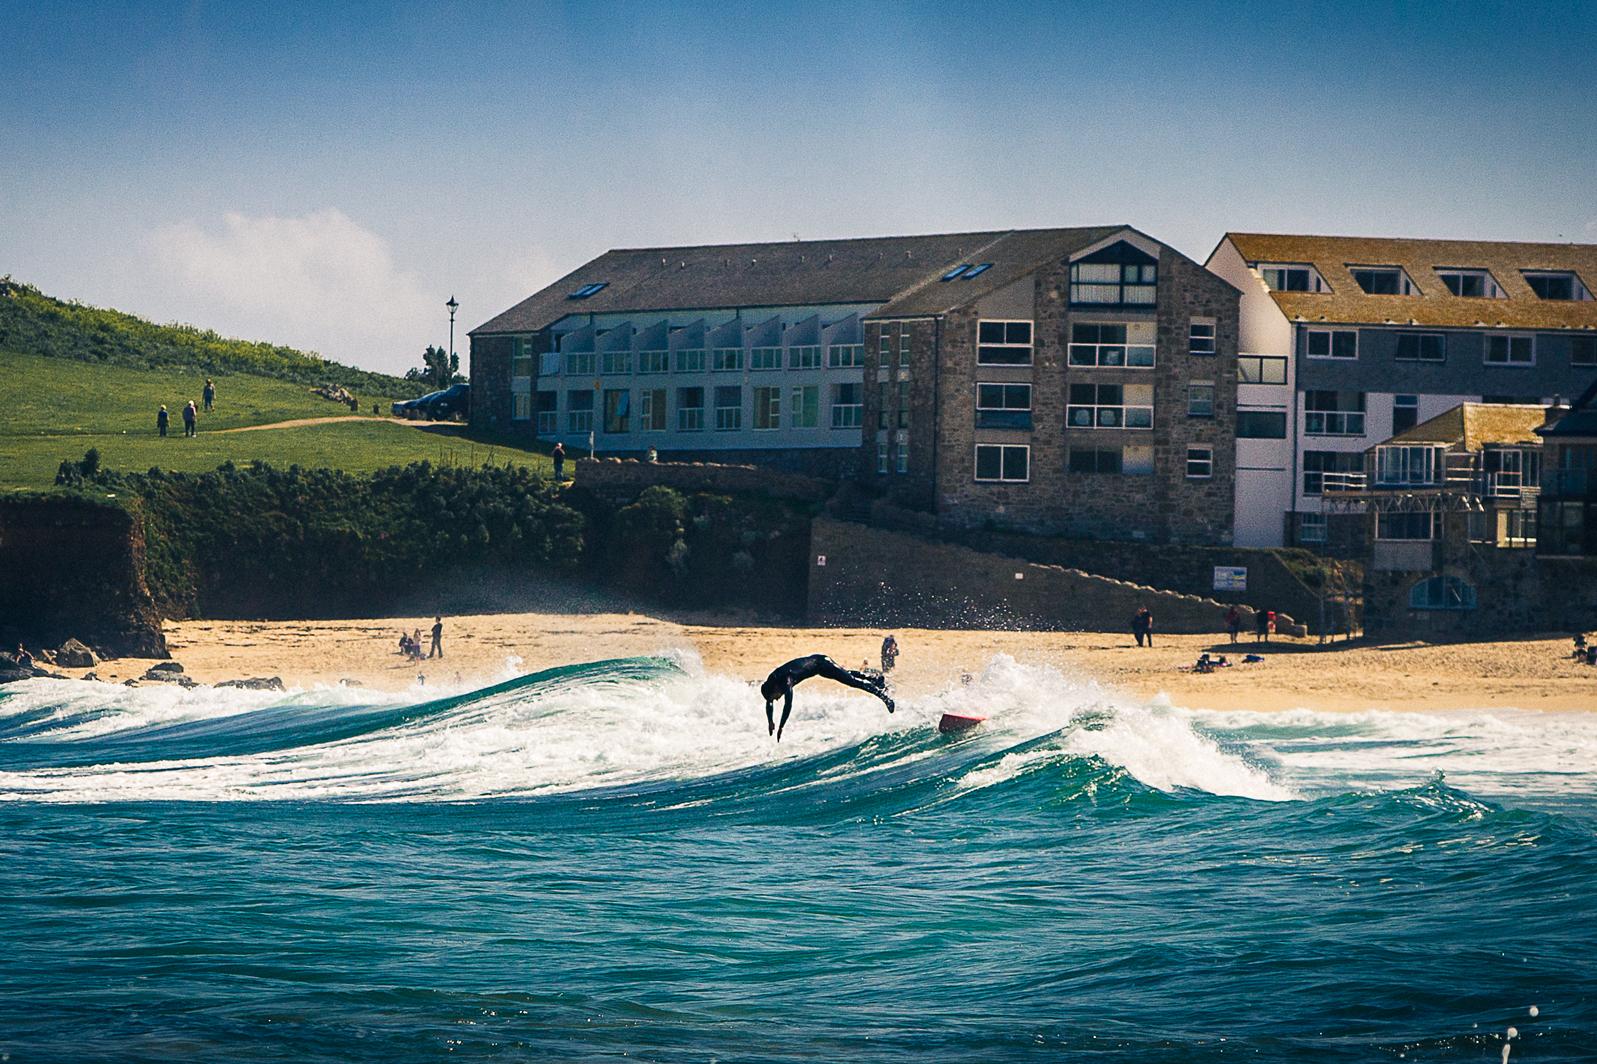 Surfing_2009-7390.jpg